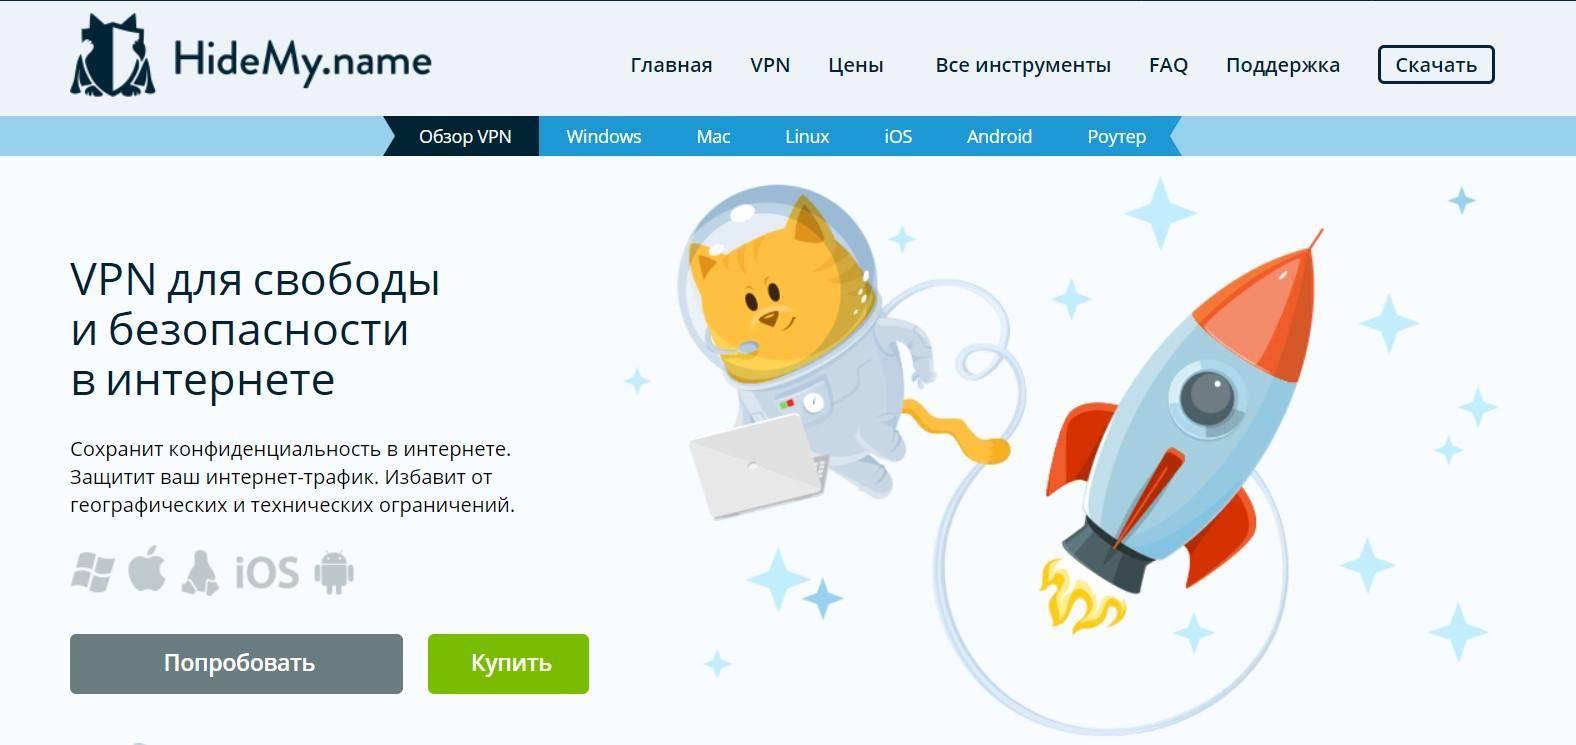 Лучшие VPN-сервисы по отзывам пользователей